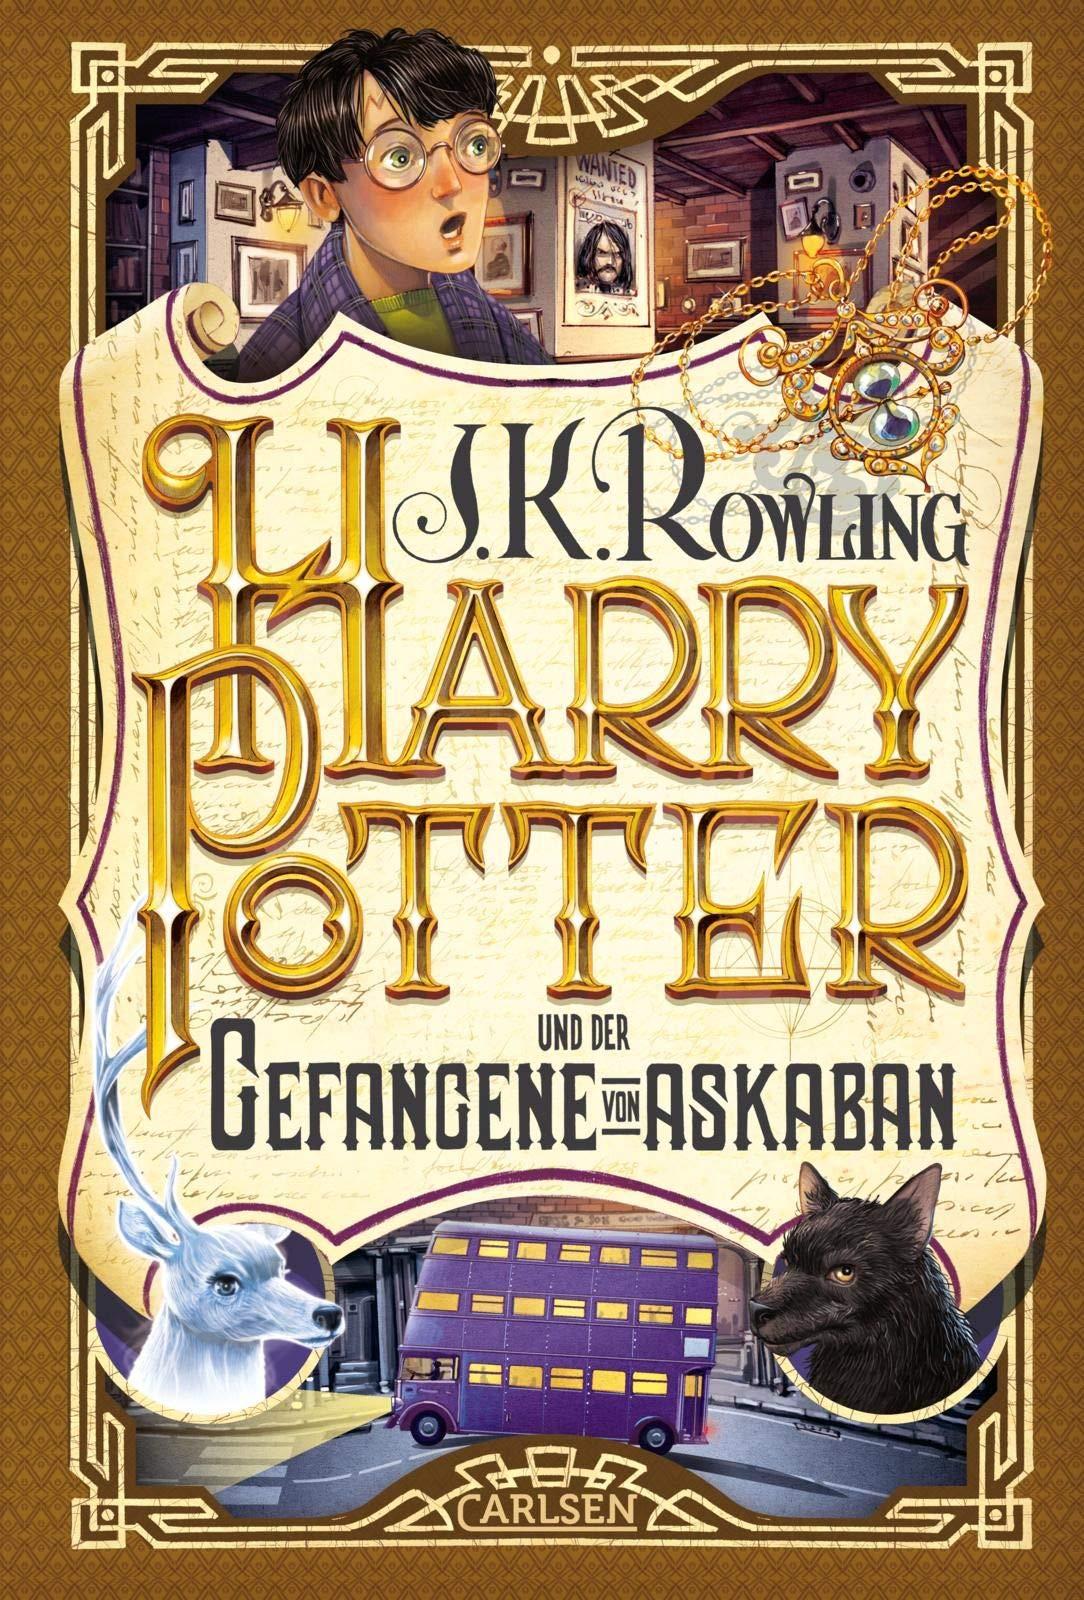 Harry Potter 3 Und Der Gefangene Von Askaban Rowling J K 9783551557438 Amazon Com Books